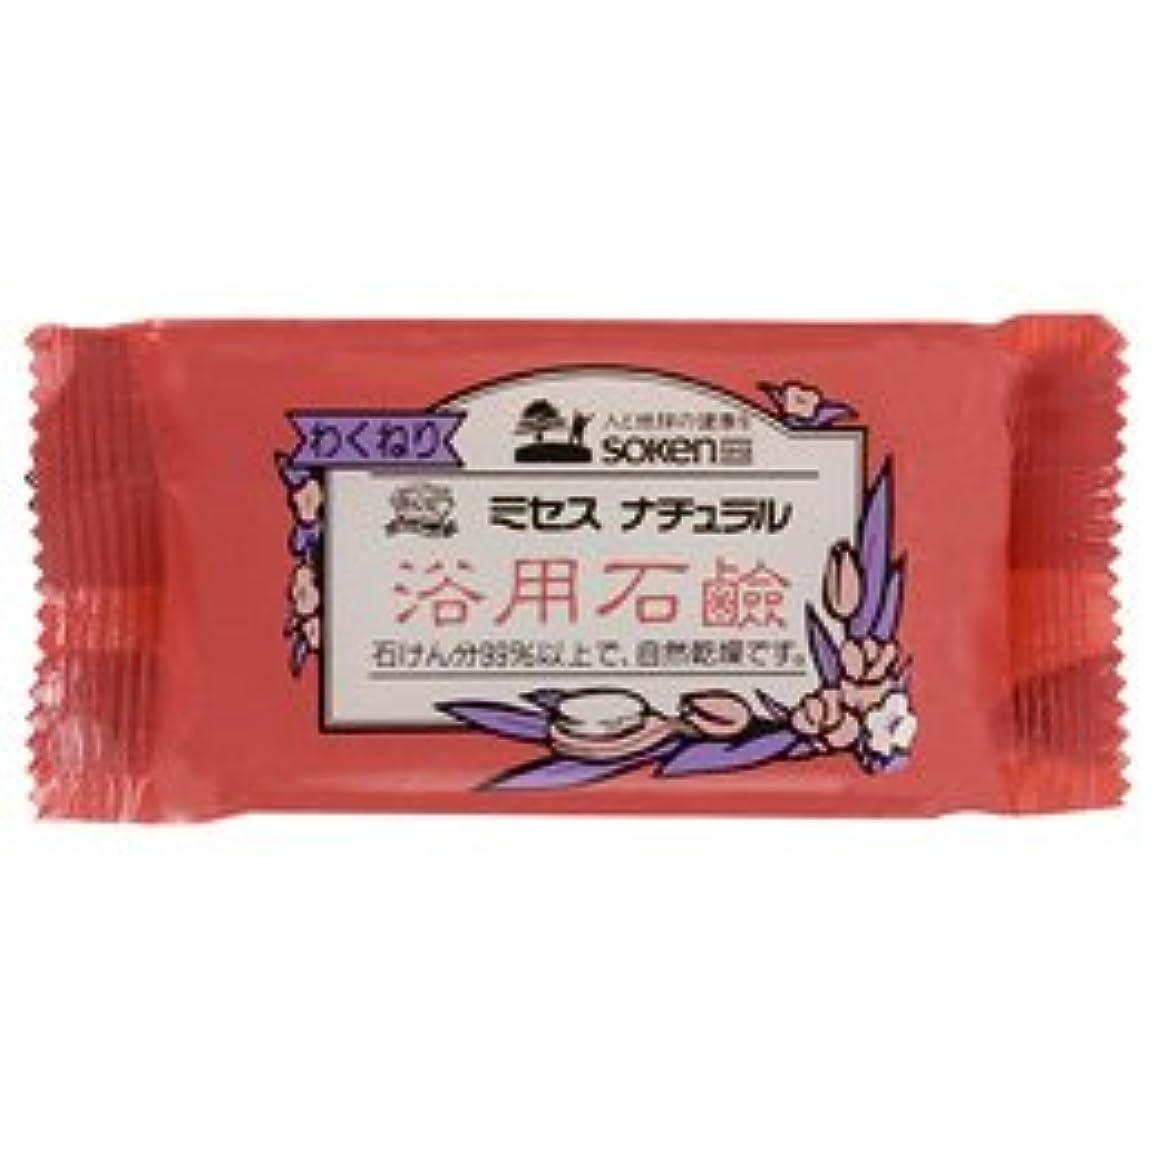 自慢広範囲に外交創健社 ミセスナチュラル 浴用石鹸 110g ケース(120個入)